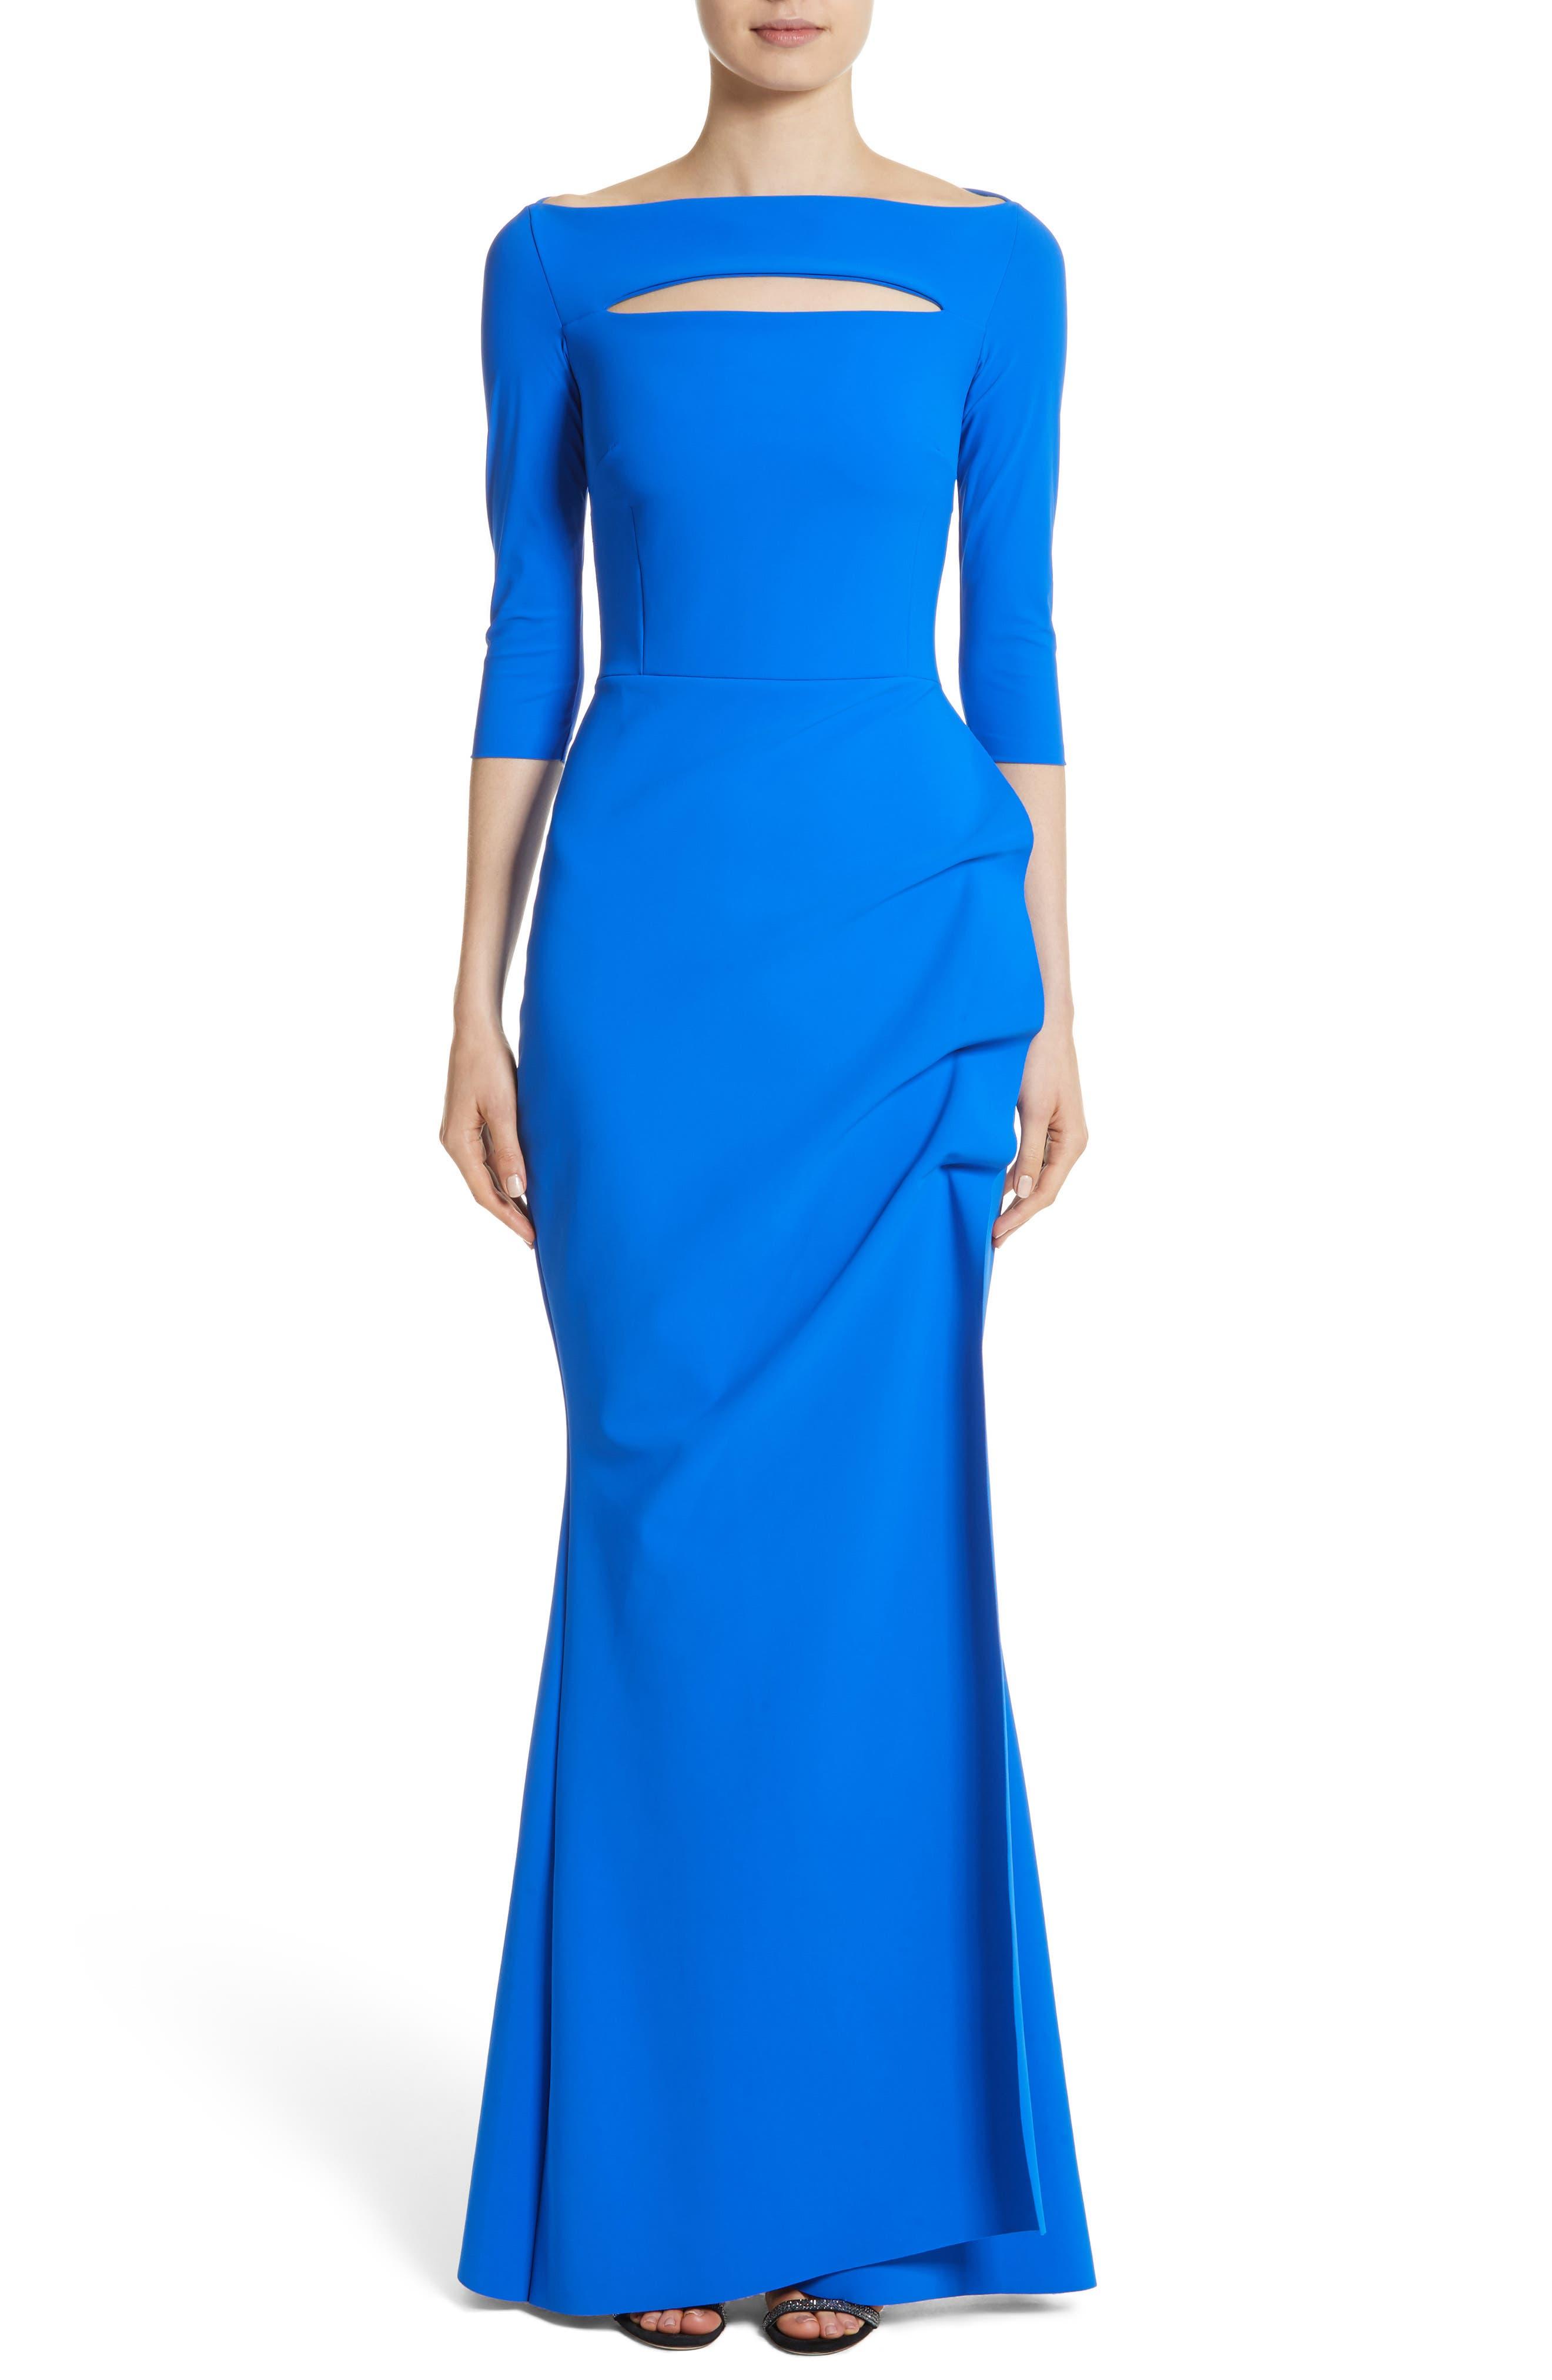 Alternate Image 1 Selected - Chiara Boni La Petite Robe Slit Bodice Drape Front Gown